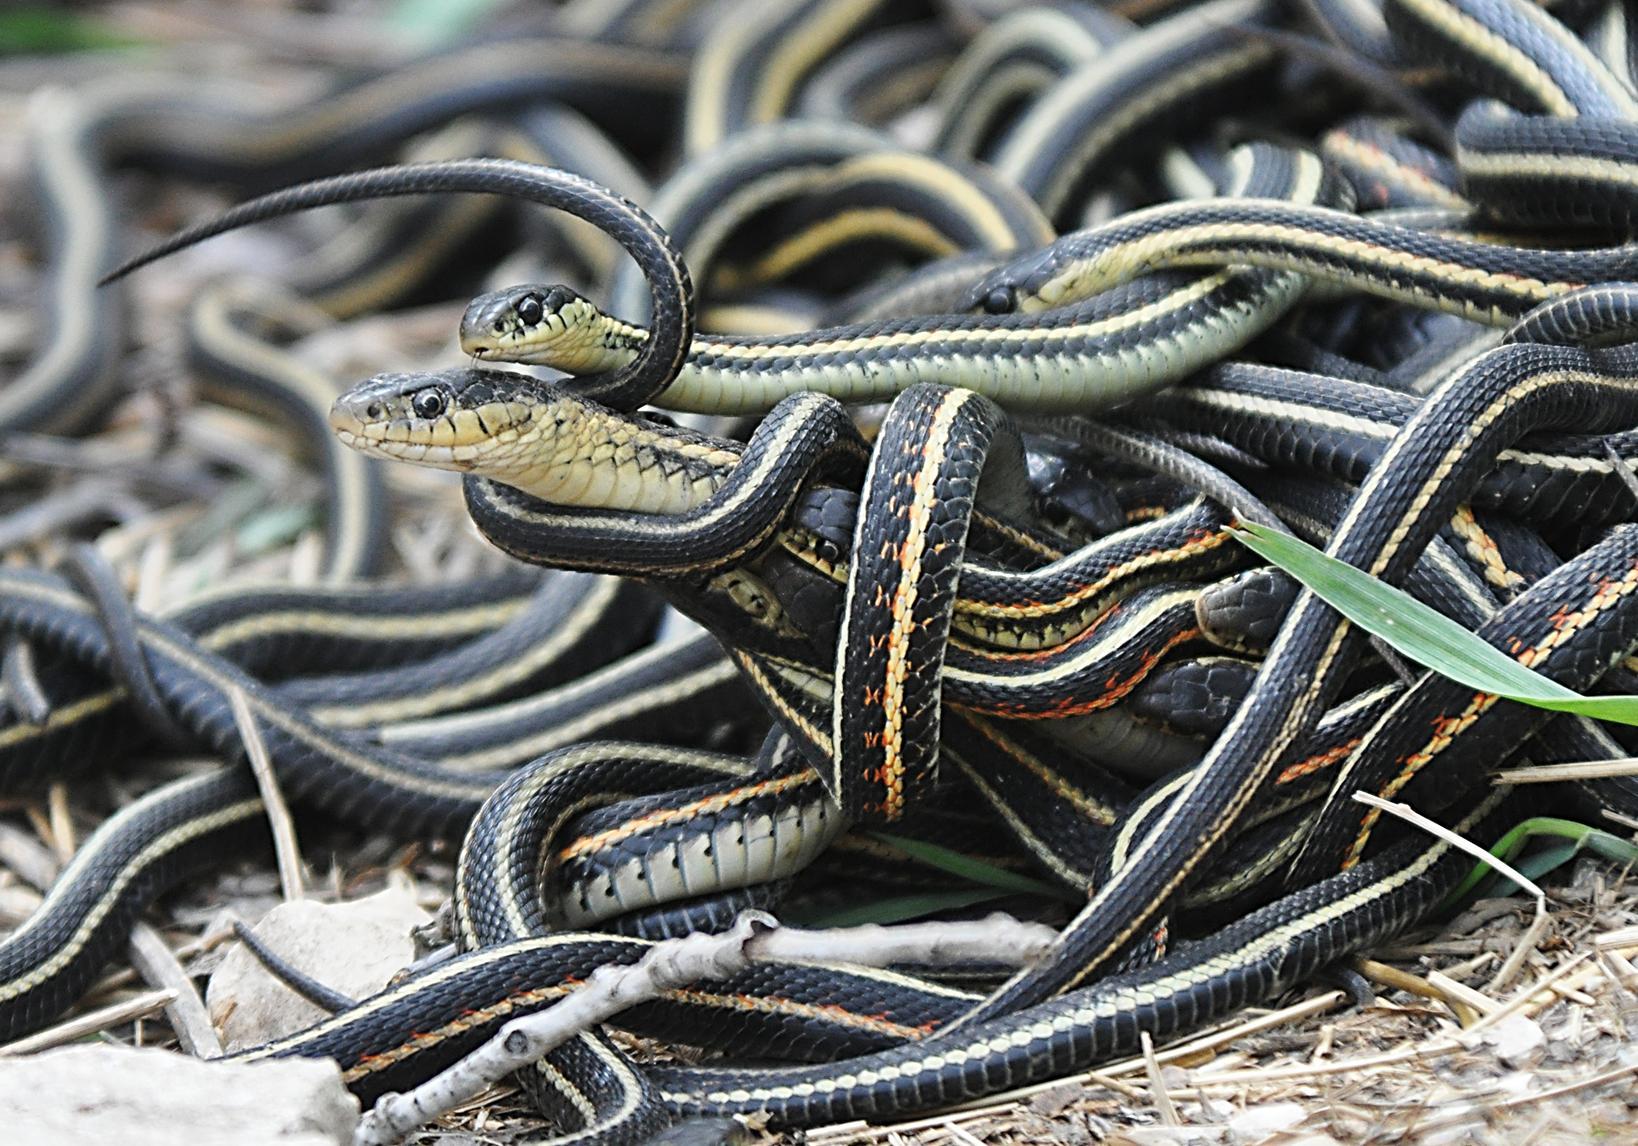 Mating ball of garter snakes